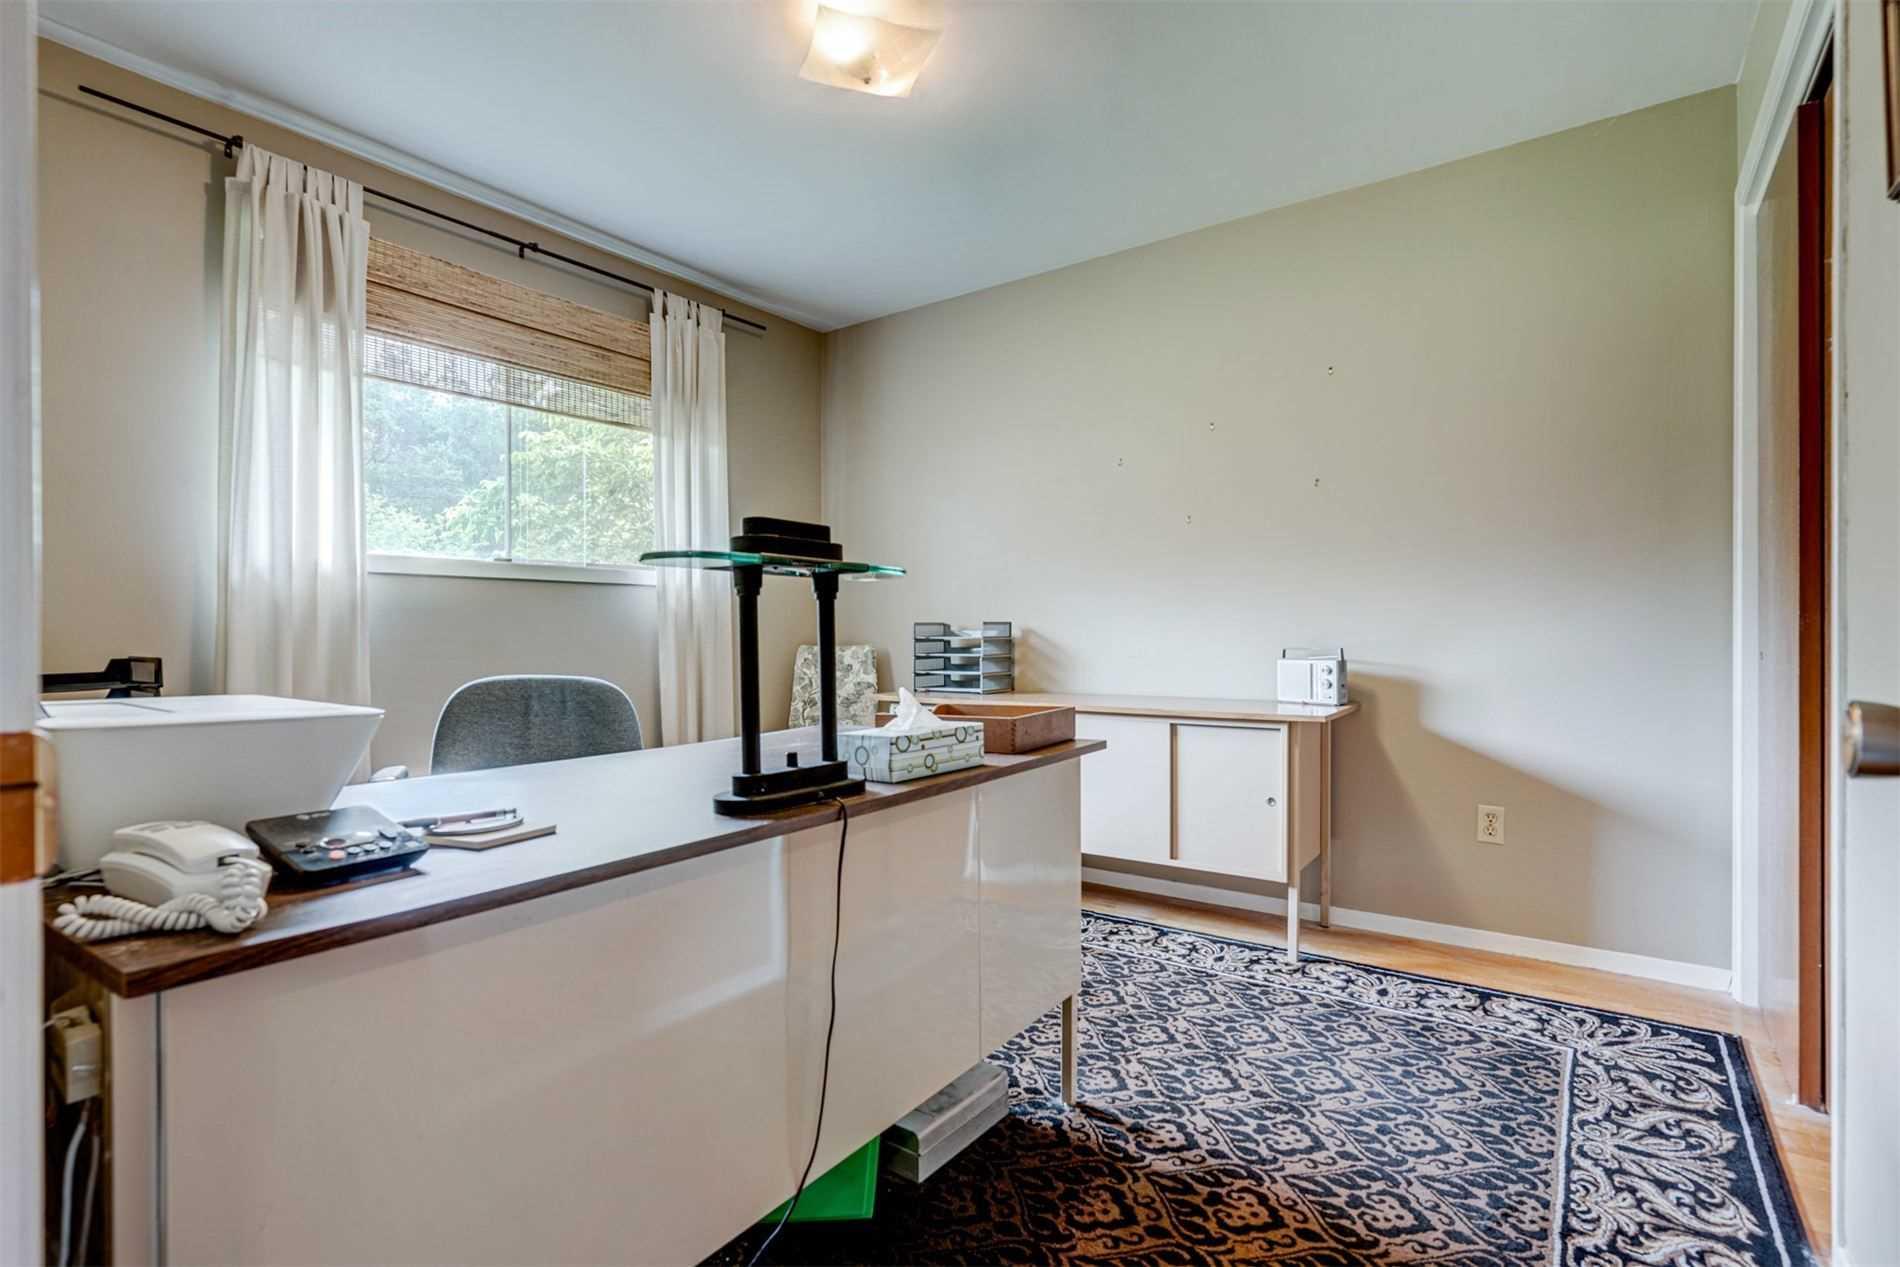 4189 Brock Rd - Uxbridge Detached for sale, 3 Bedrooms (N5311768) - #27